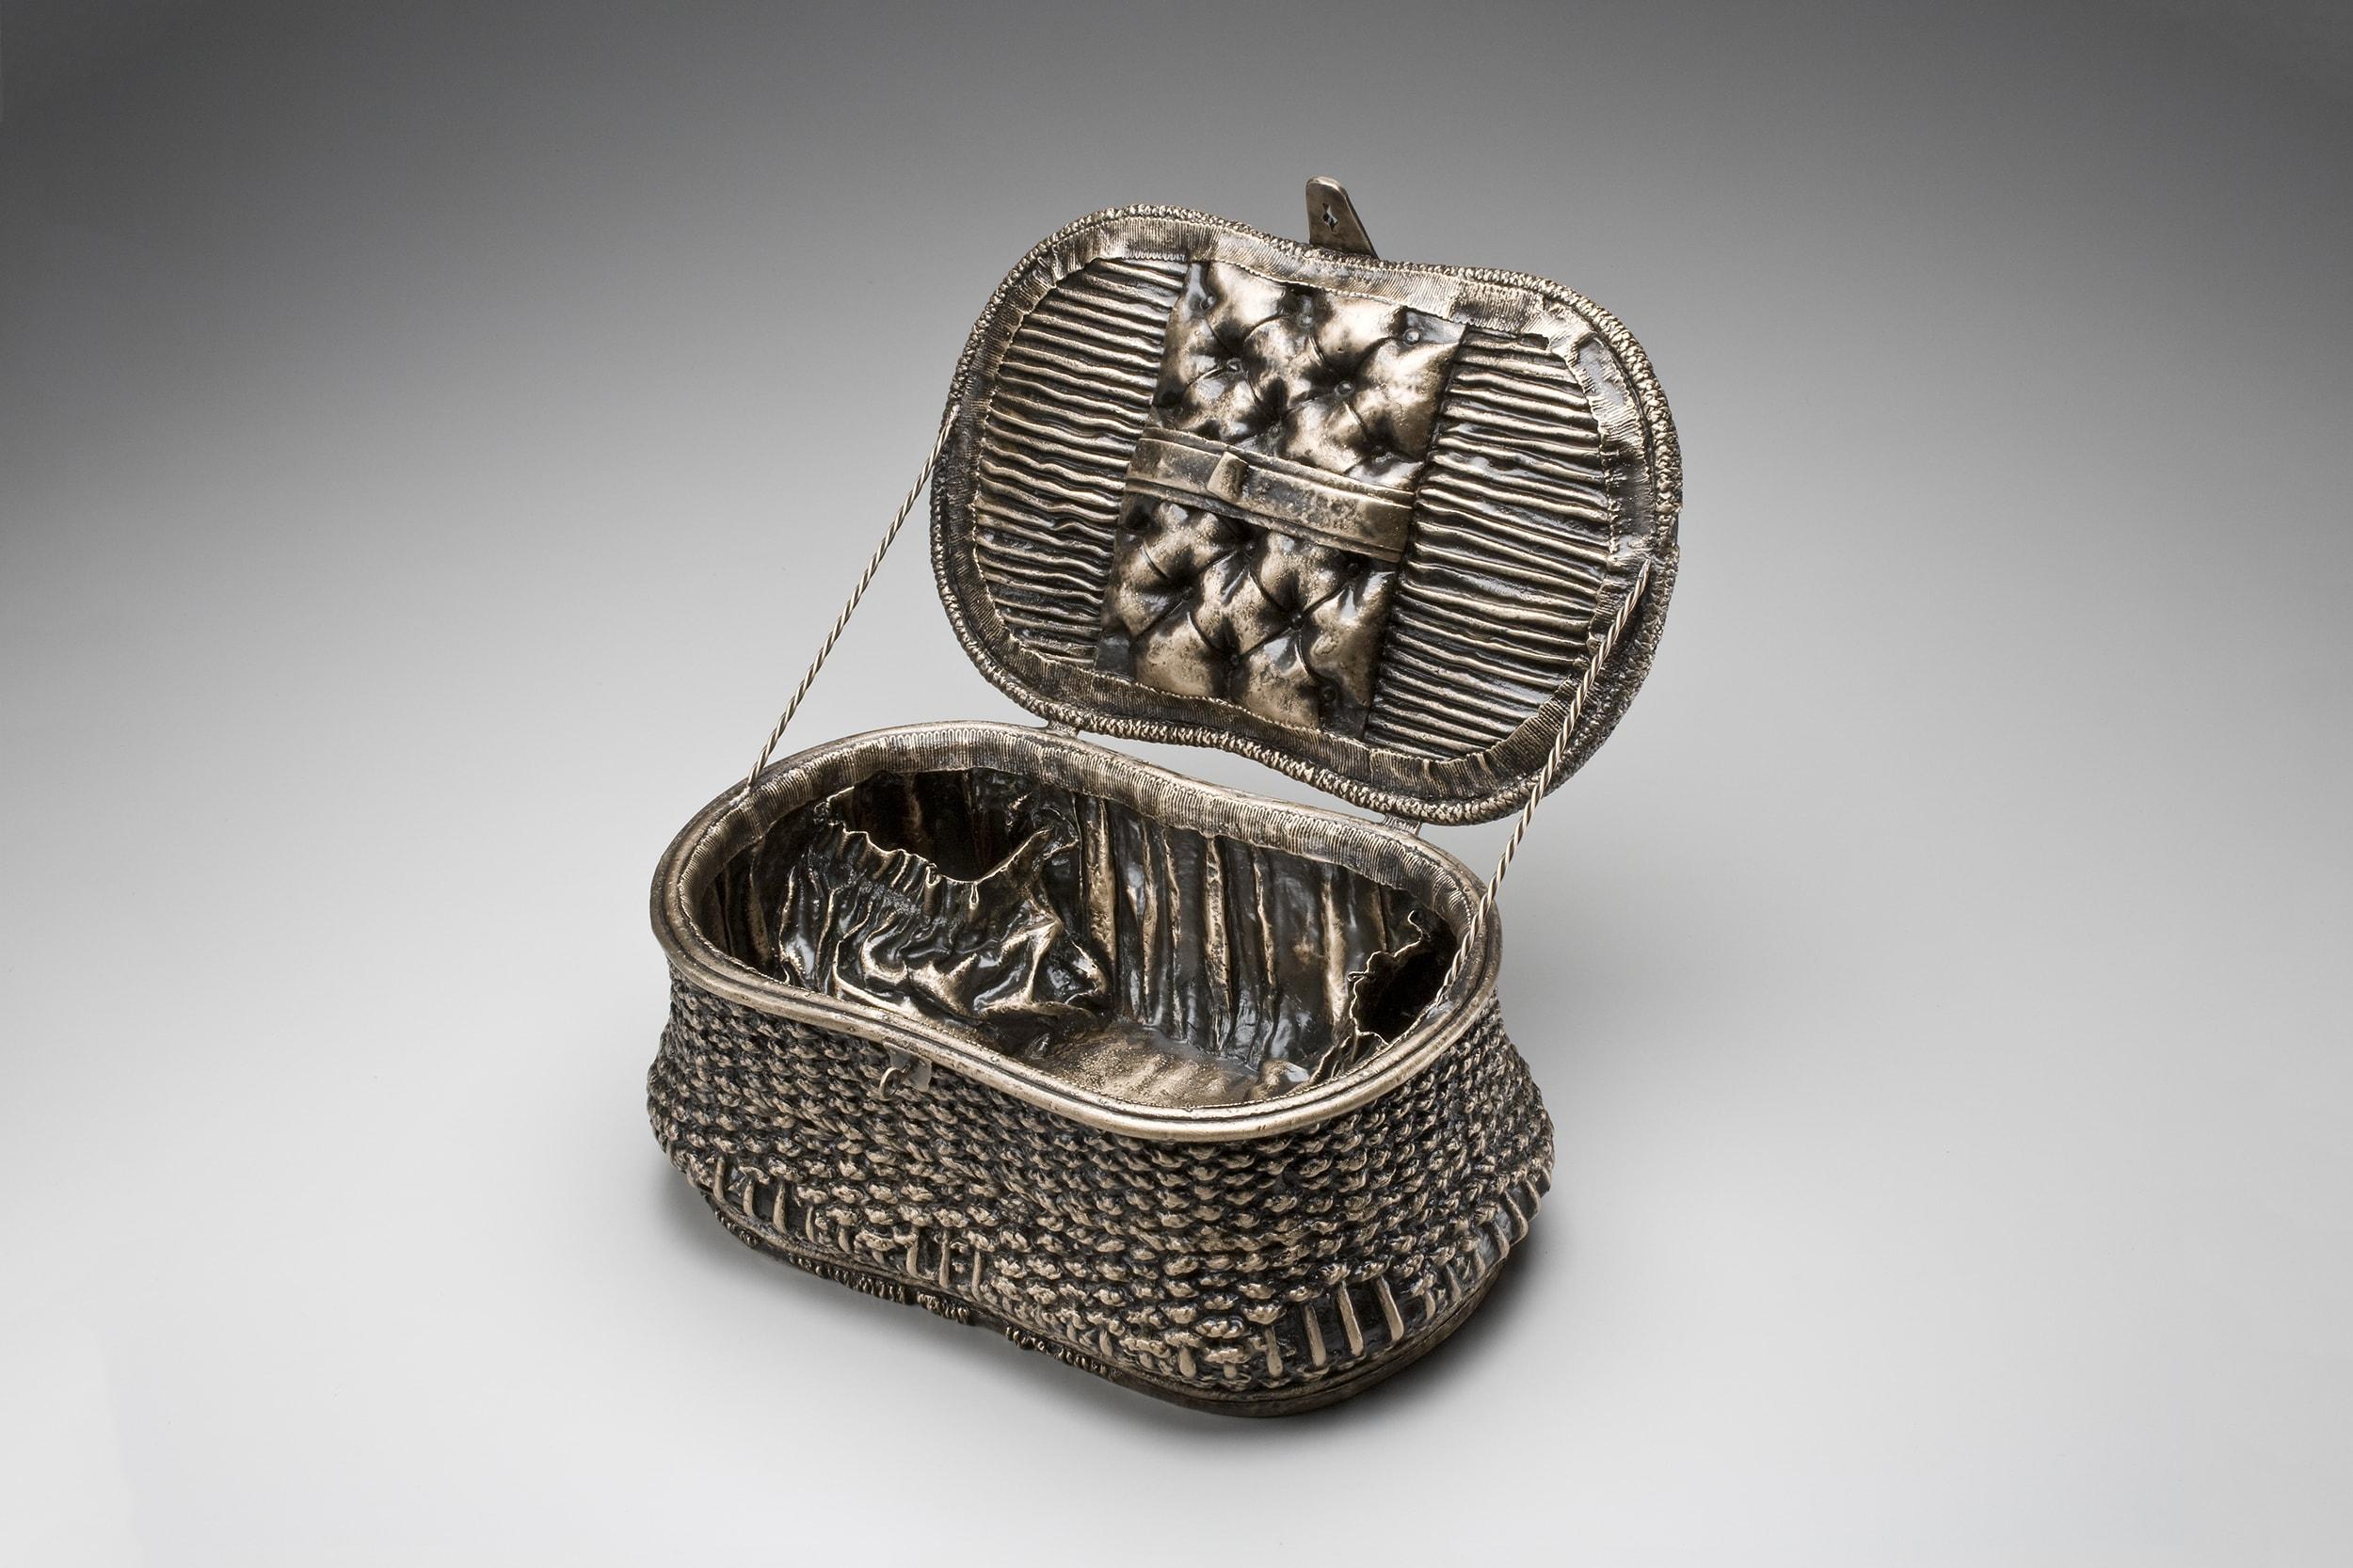 First Generation Artifact: Sewing Basket